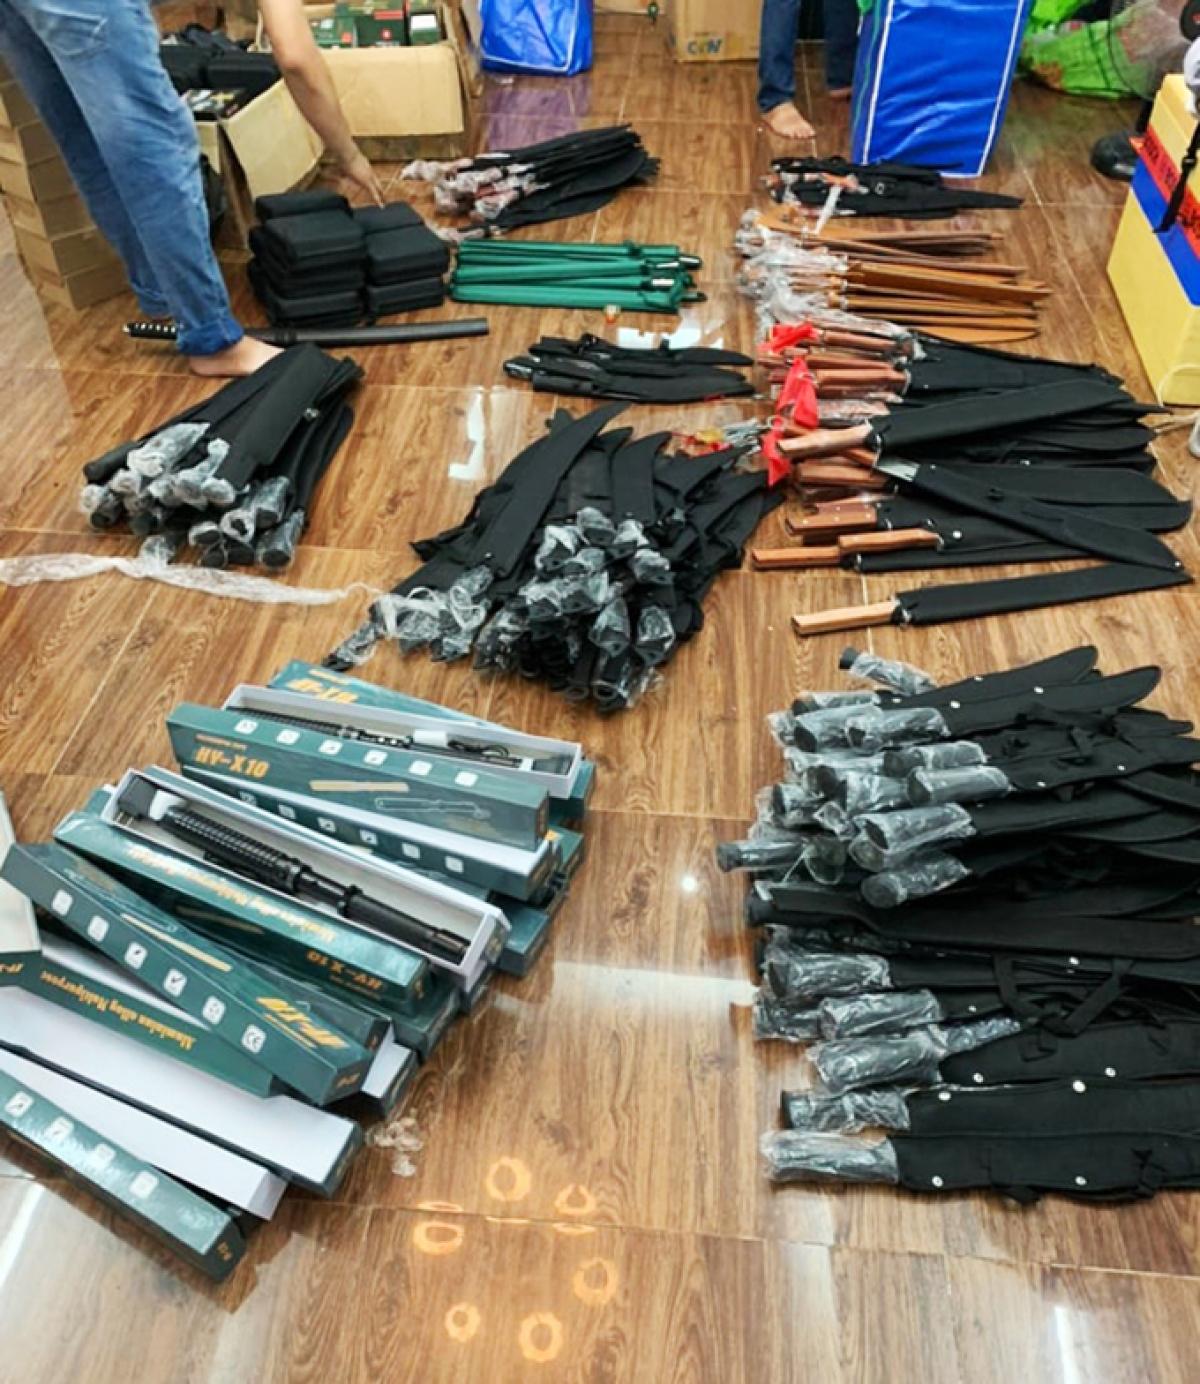 Hàng trăm mã tấu, súng, roi điện... trong nhà của Phạm Phương Minh. Ảnh: Công an cung cấp.